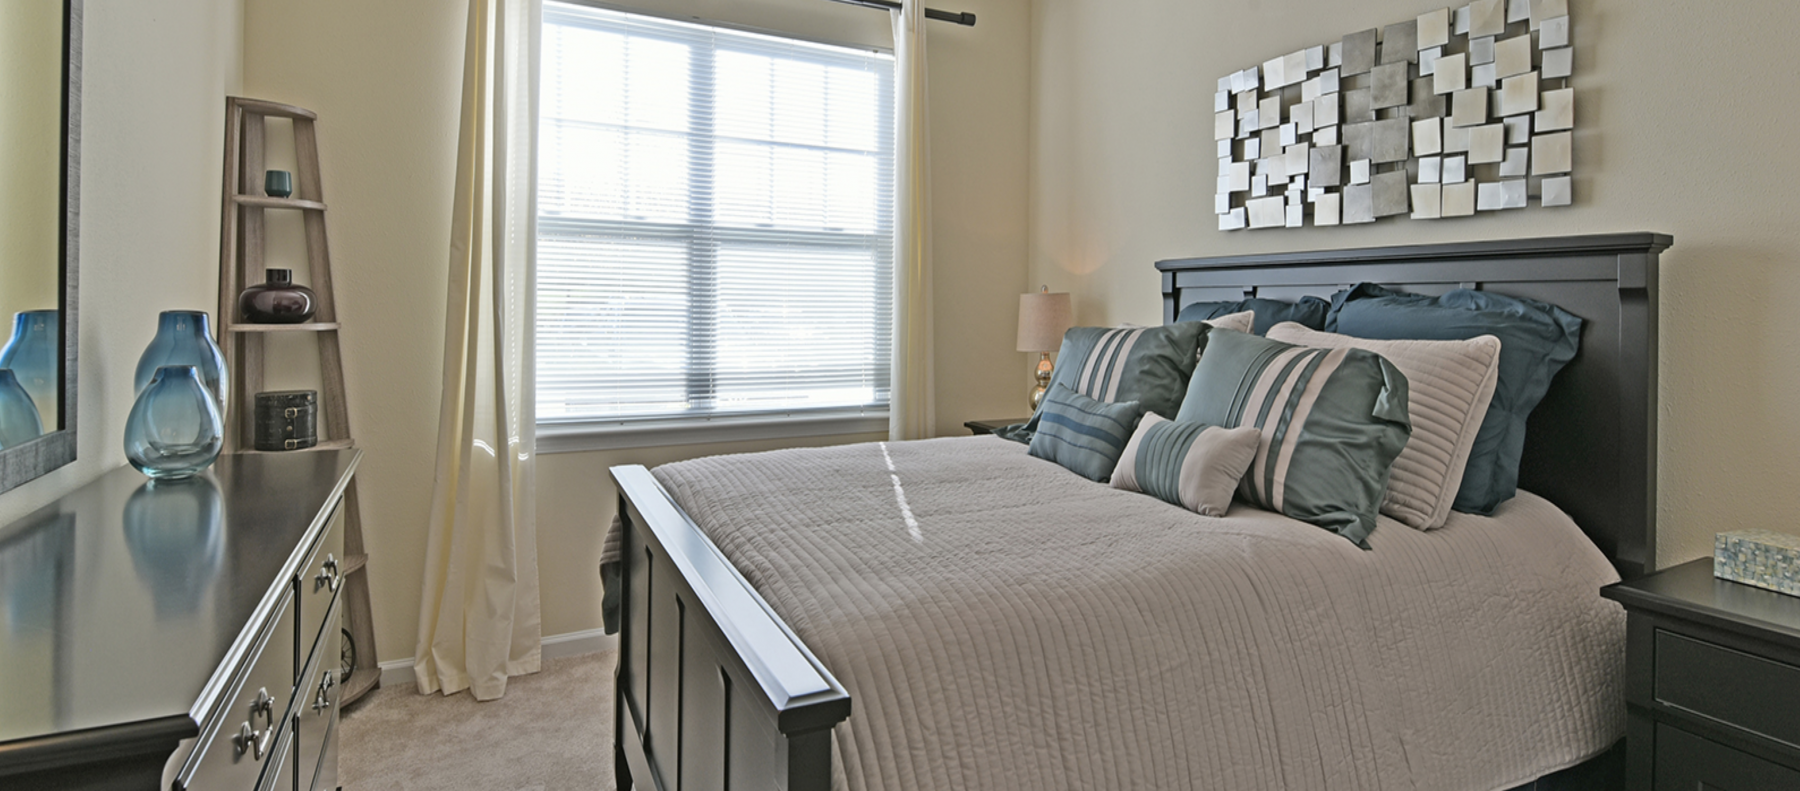 13 - Apartment bedroom copy 2